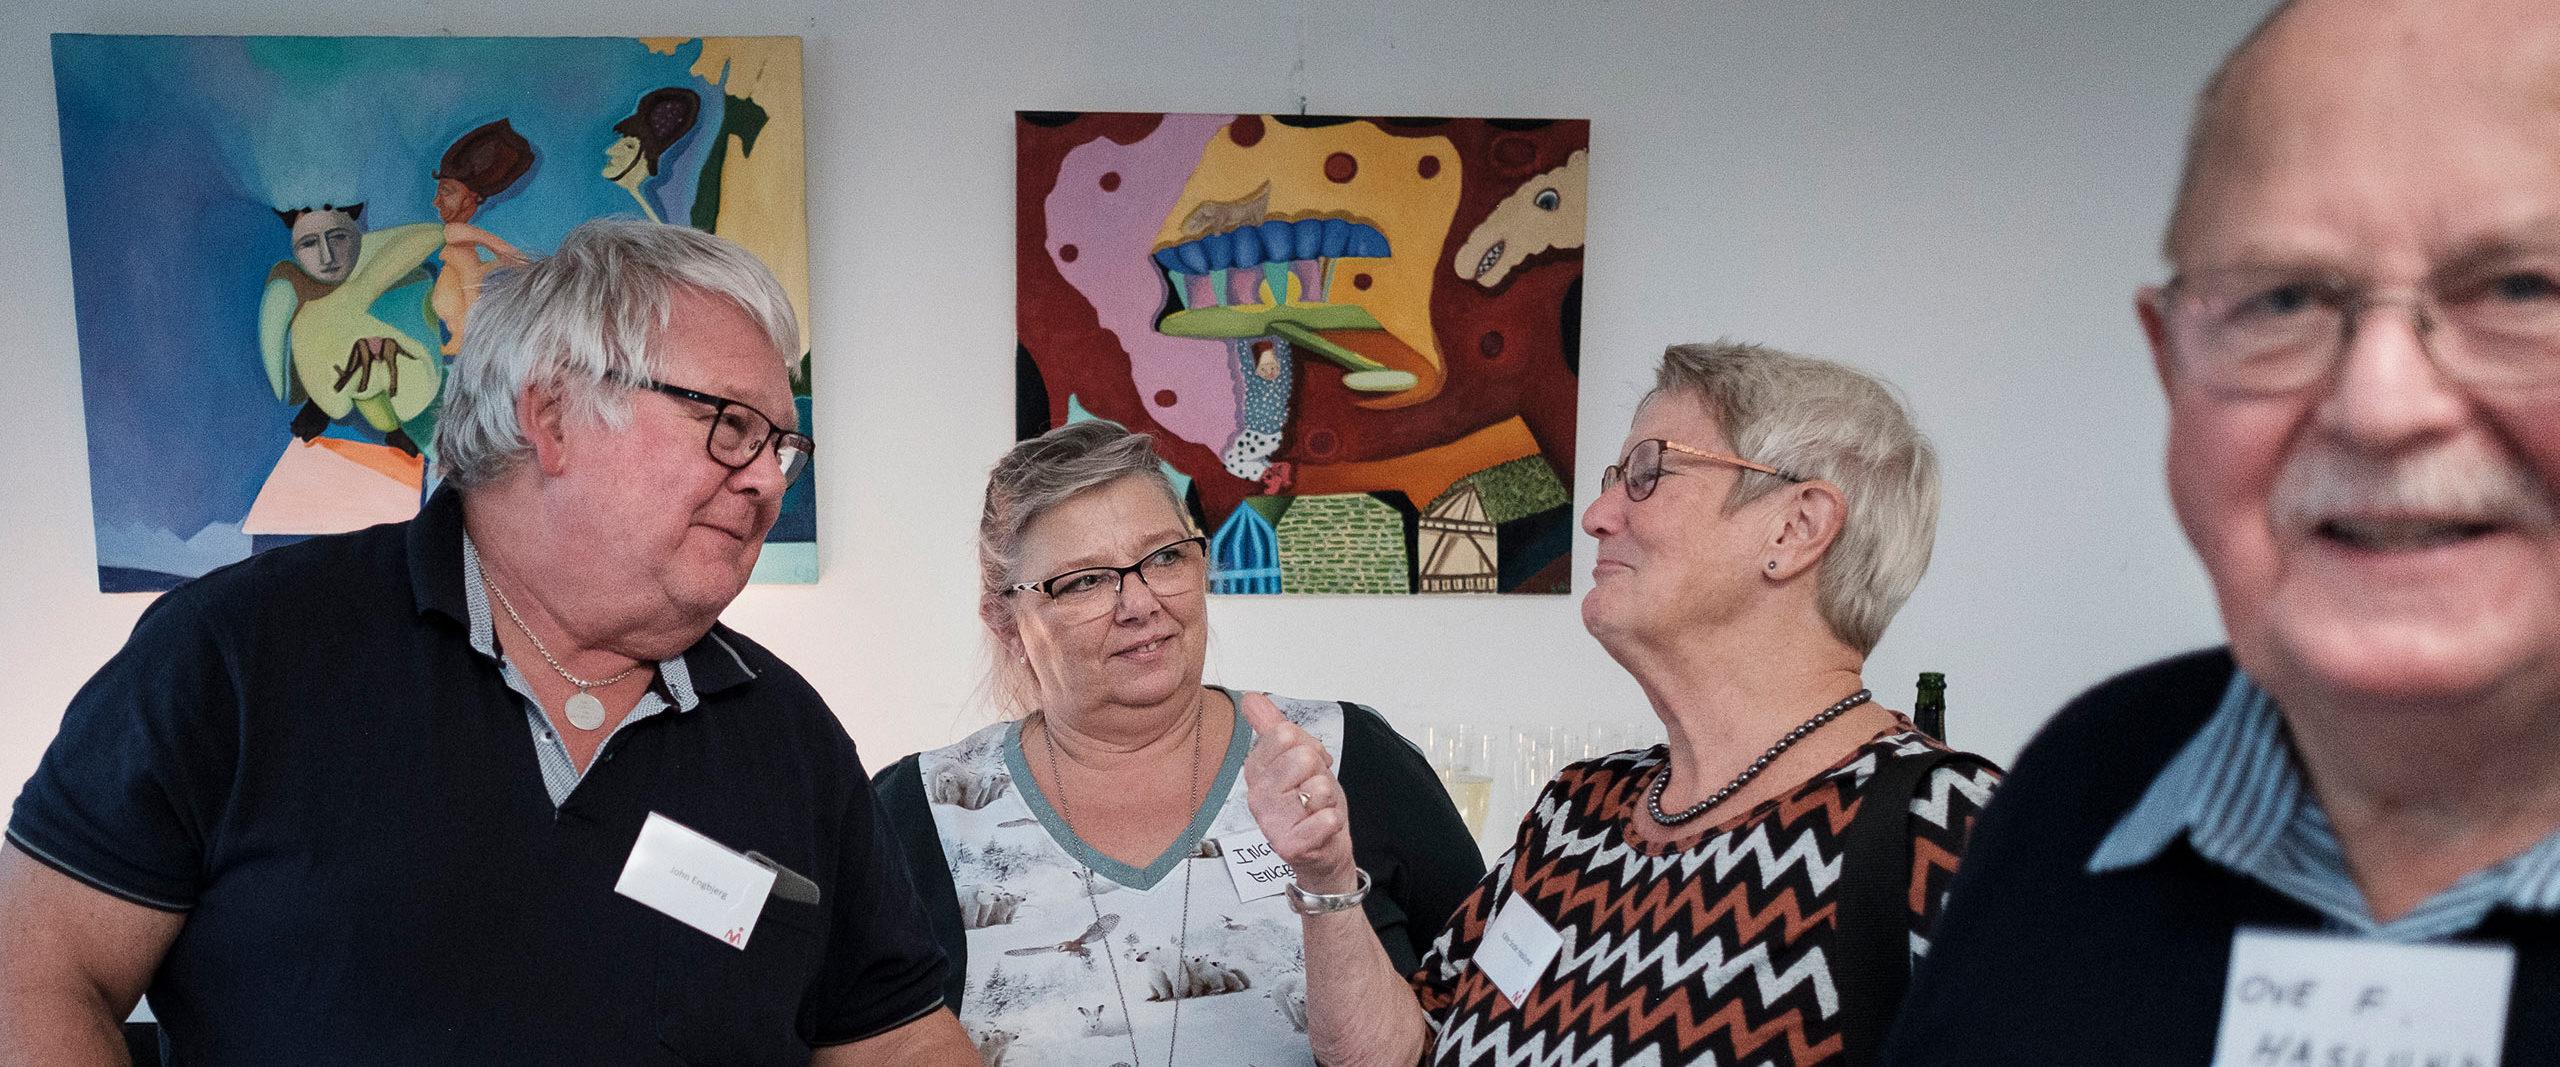 ældre medlemmer af Myastenia Gravis gruppen hygger sig